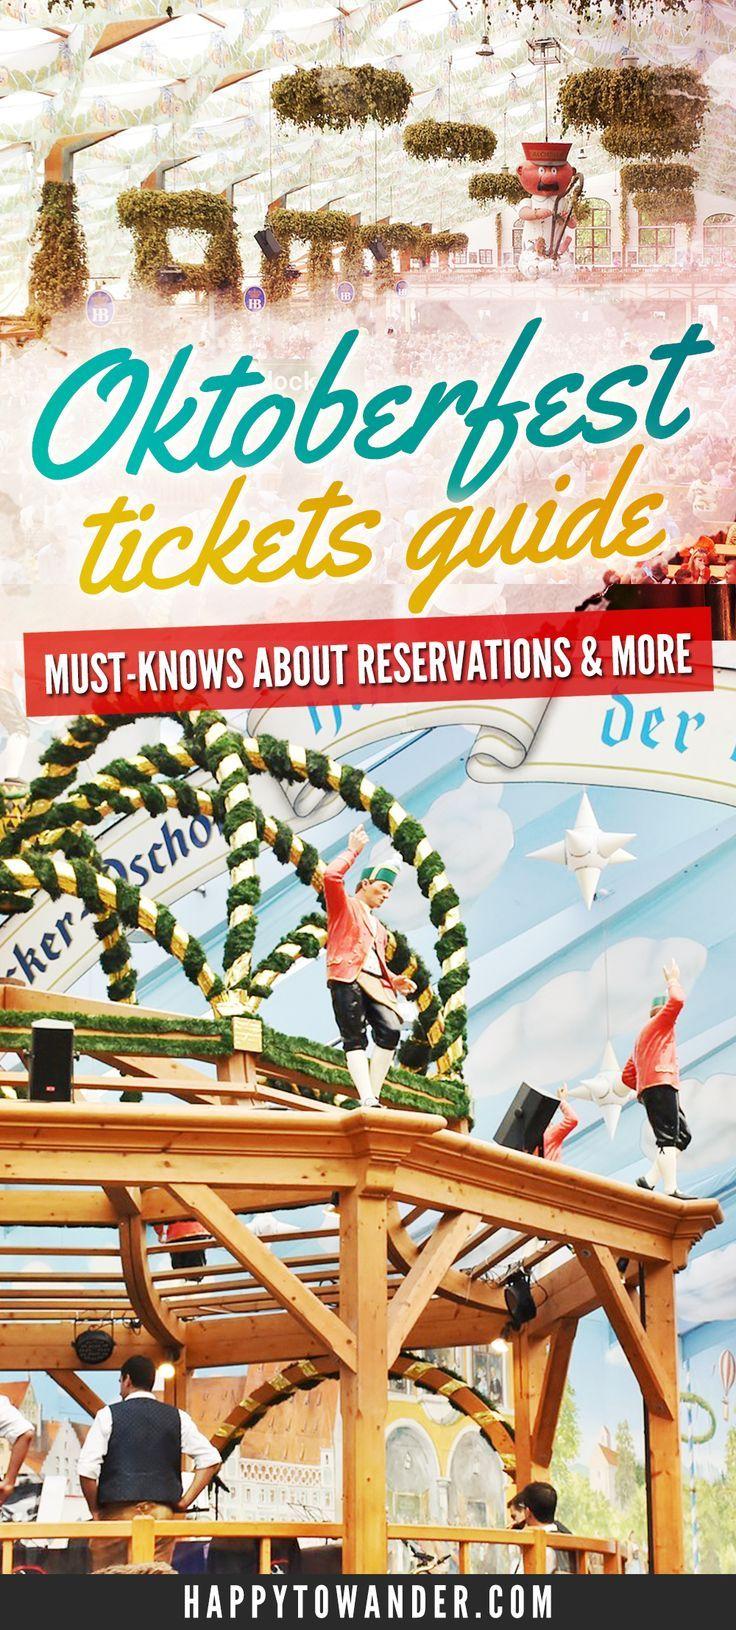 Oktoberfest Tickets: Do I Need Them?